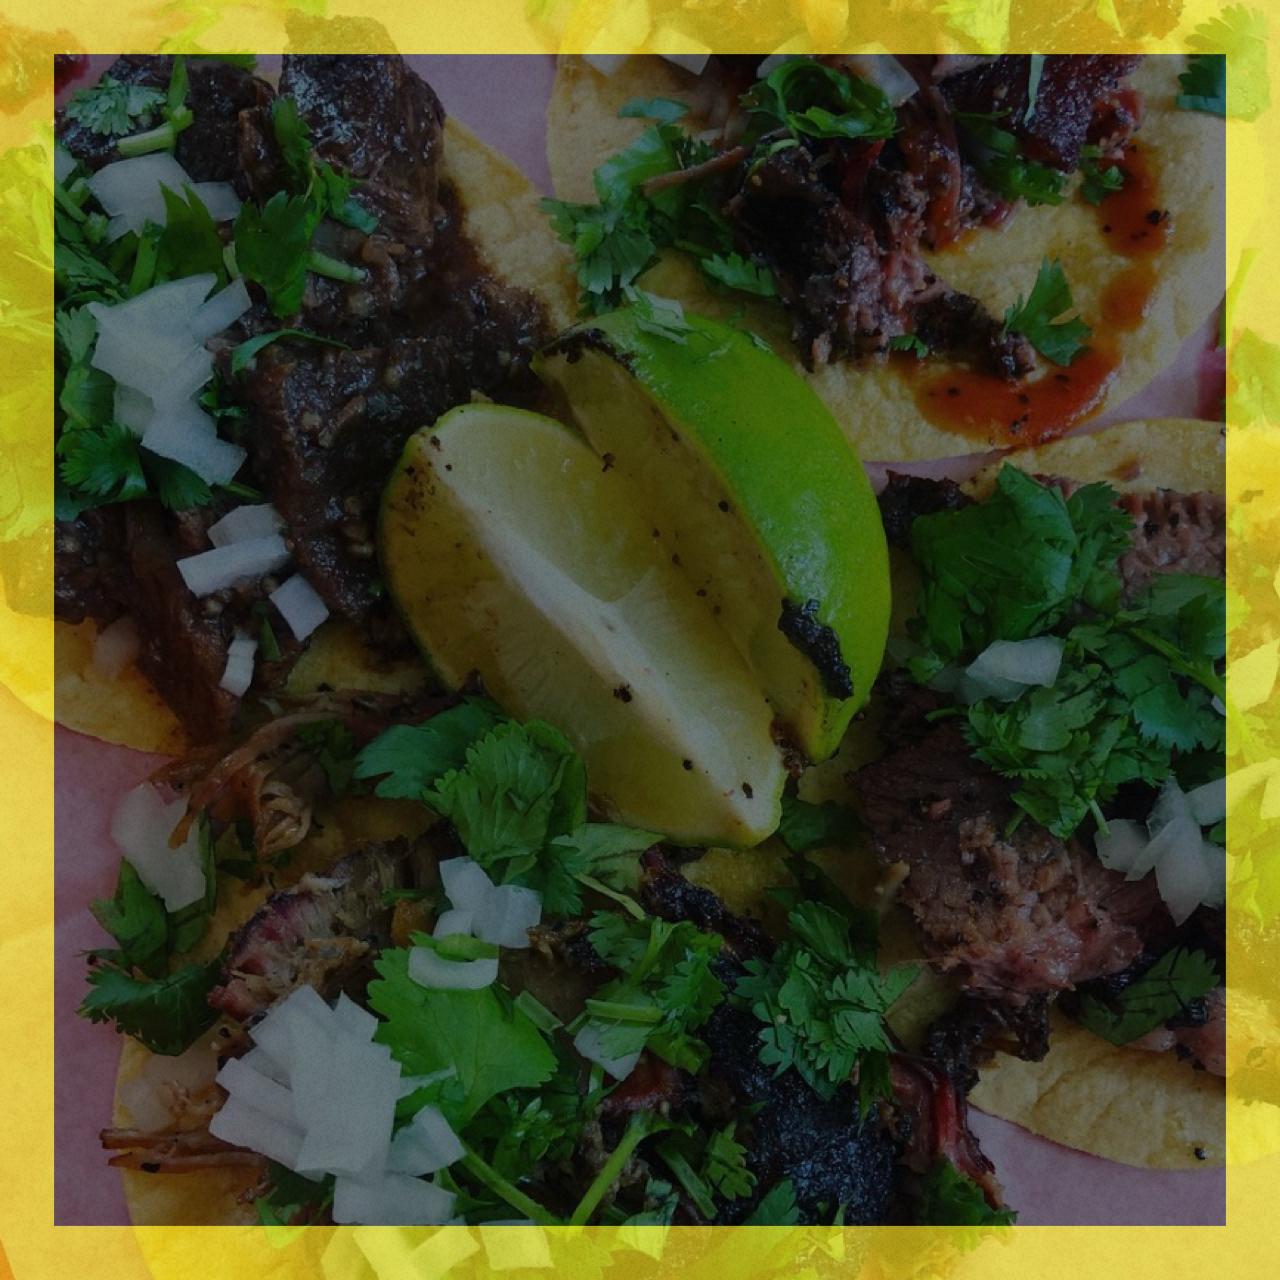 tex-mex-cantina-food-truck-640x640@2x